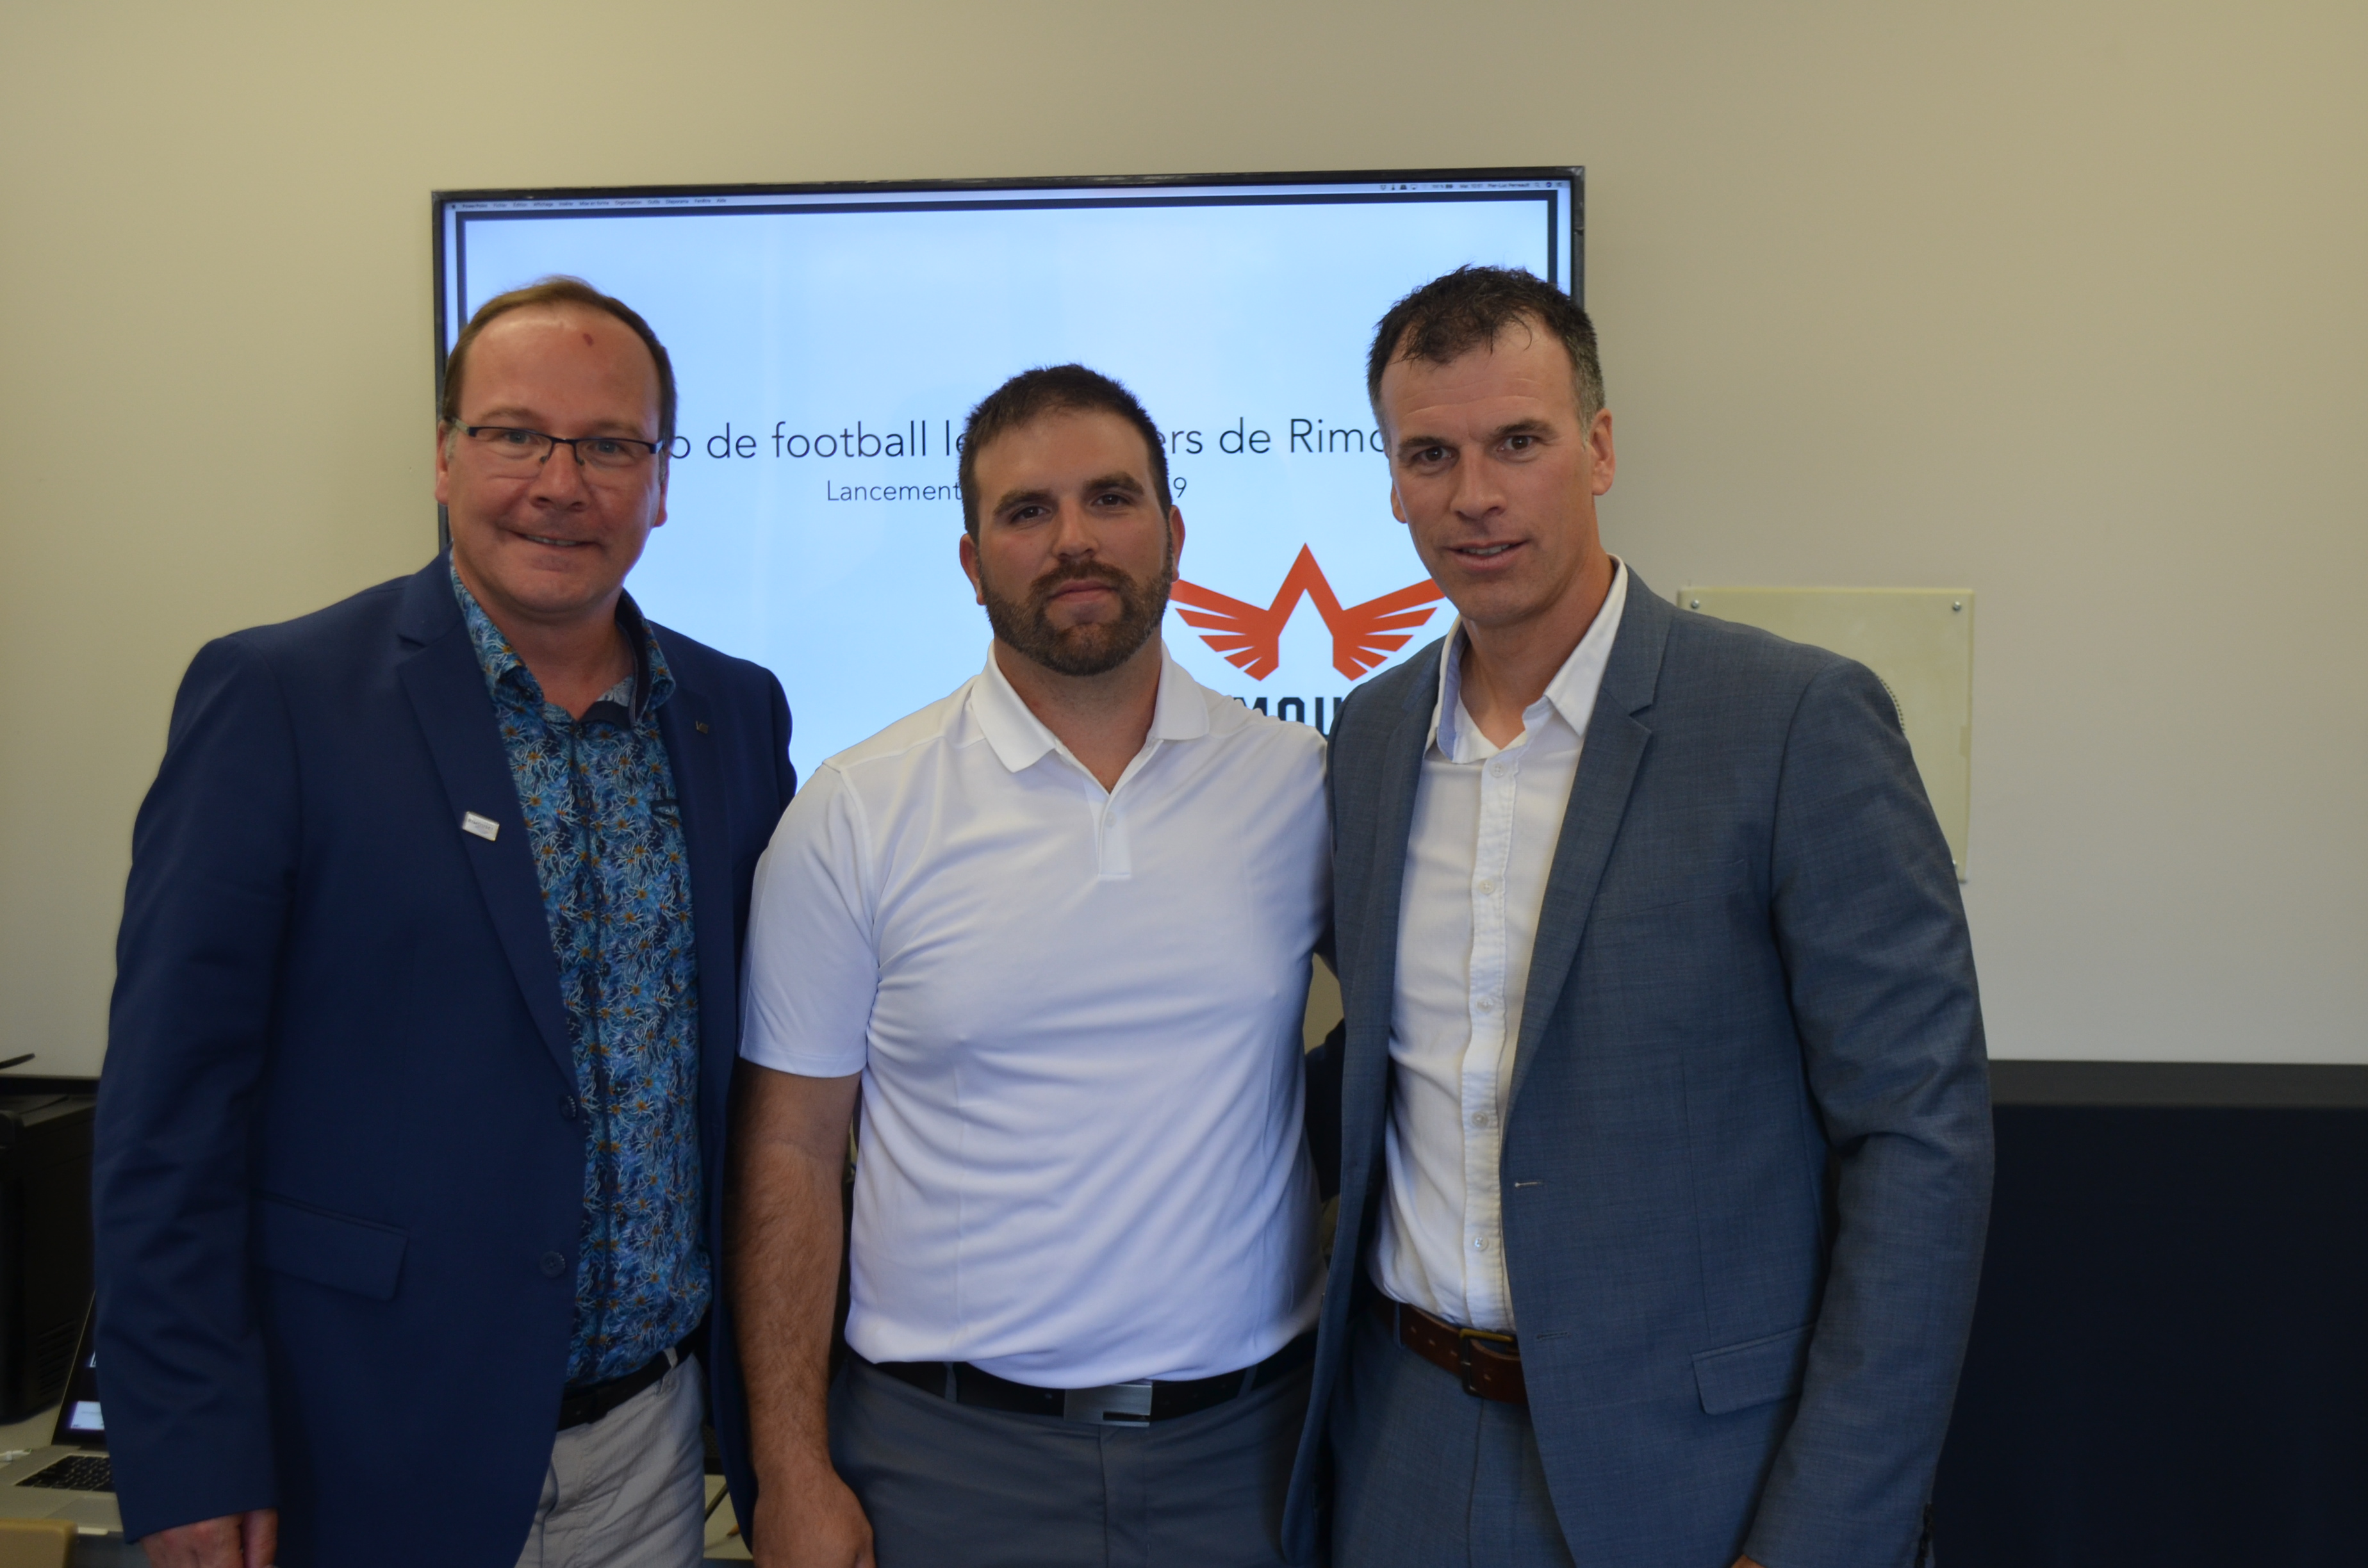 Jocelyn Pelletier, administrateur; le nouvel entraîneur-chef de l'équipe de football les Pionniers de Rimouski, Kevin Nichols et David Castonguay, président du conseil d'administration.